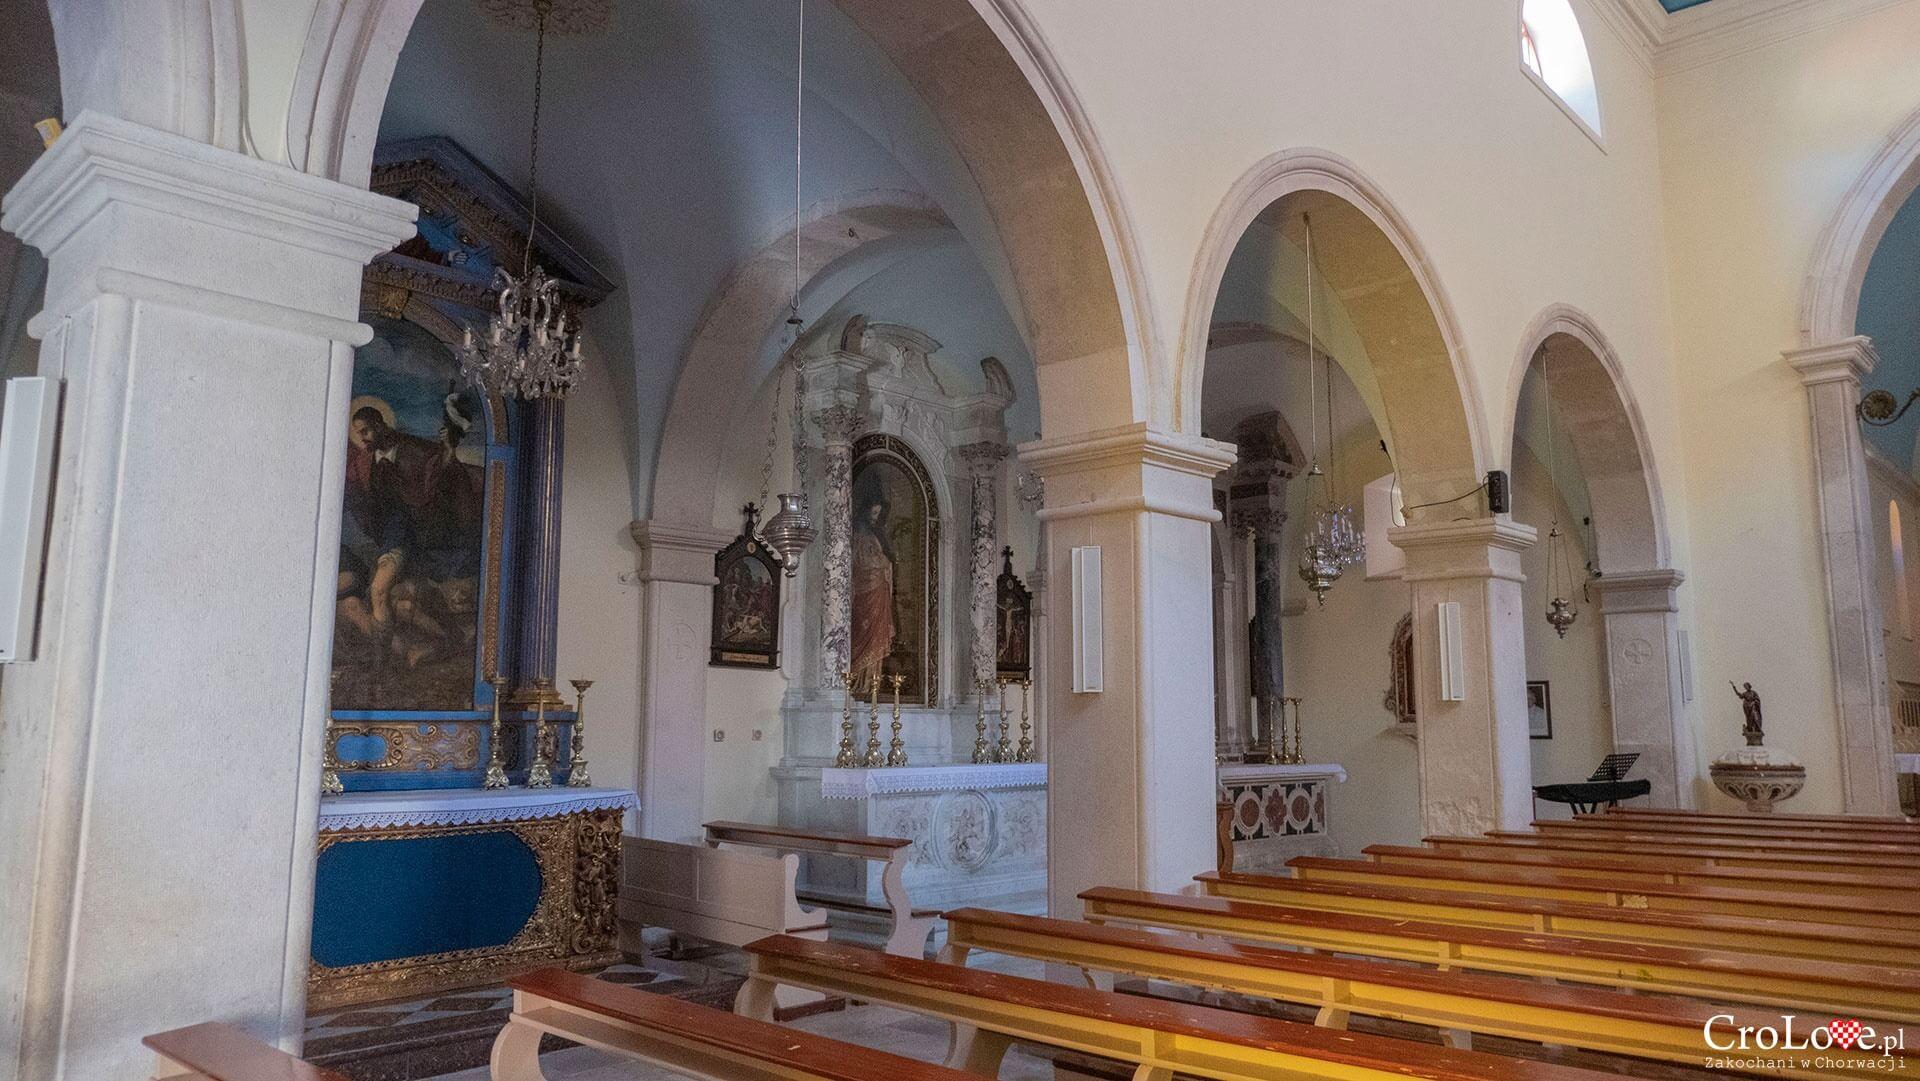 Kościół św. Hieronima ze Stridonu w Pučišćy